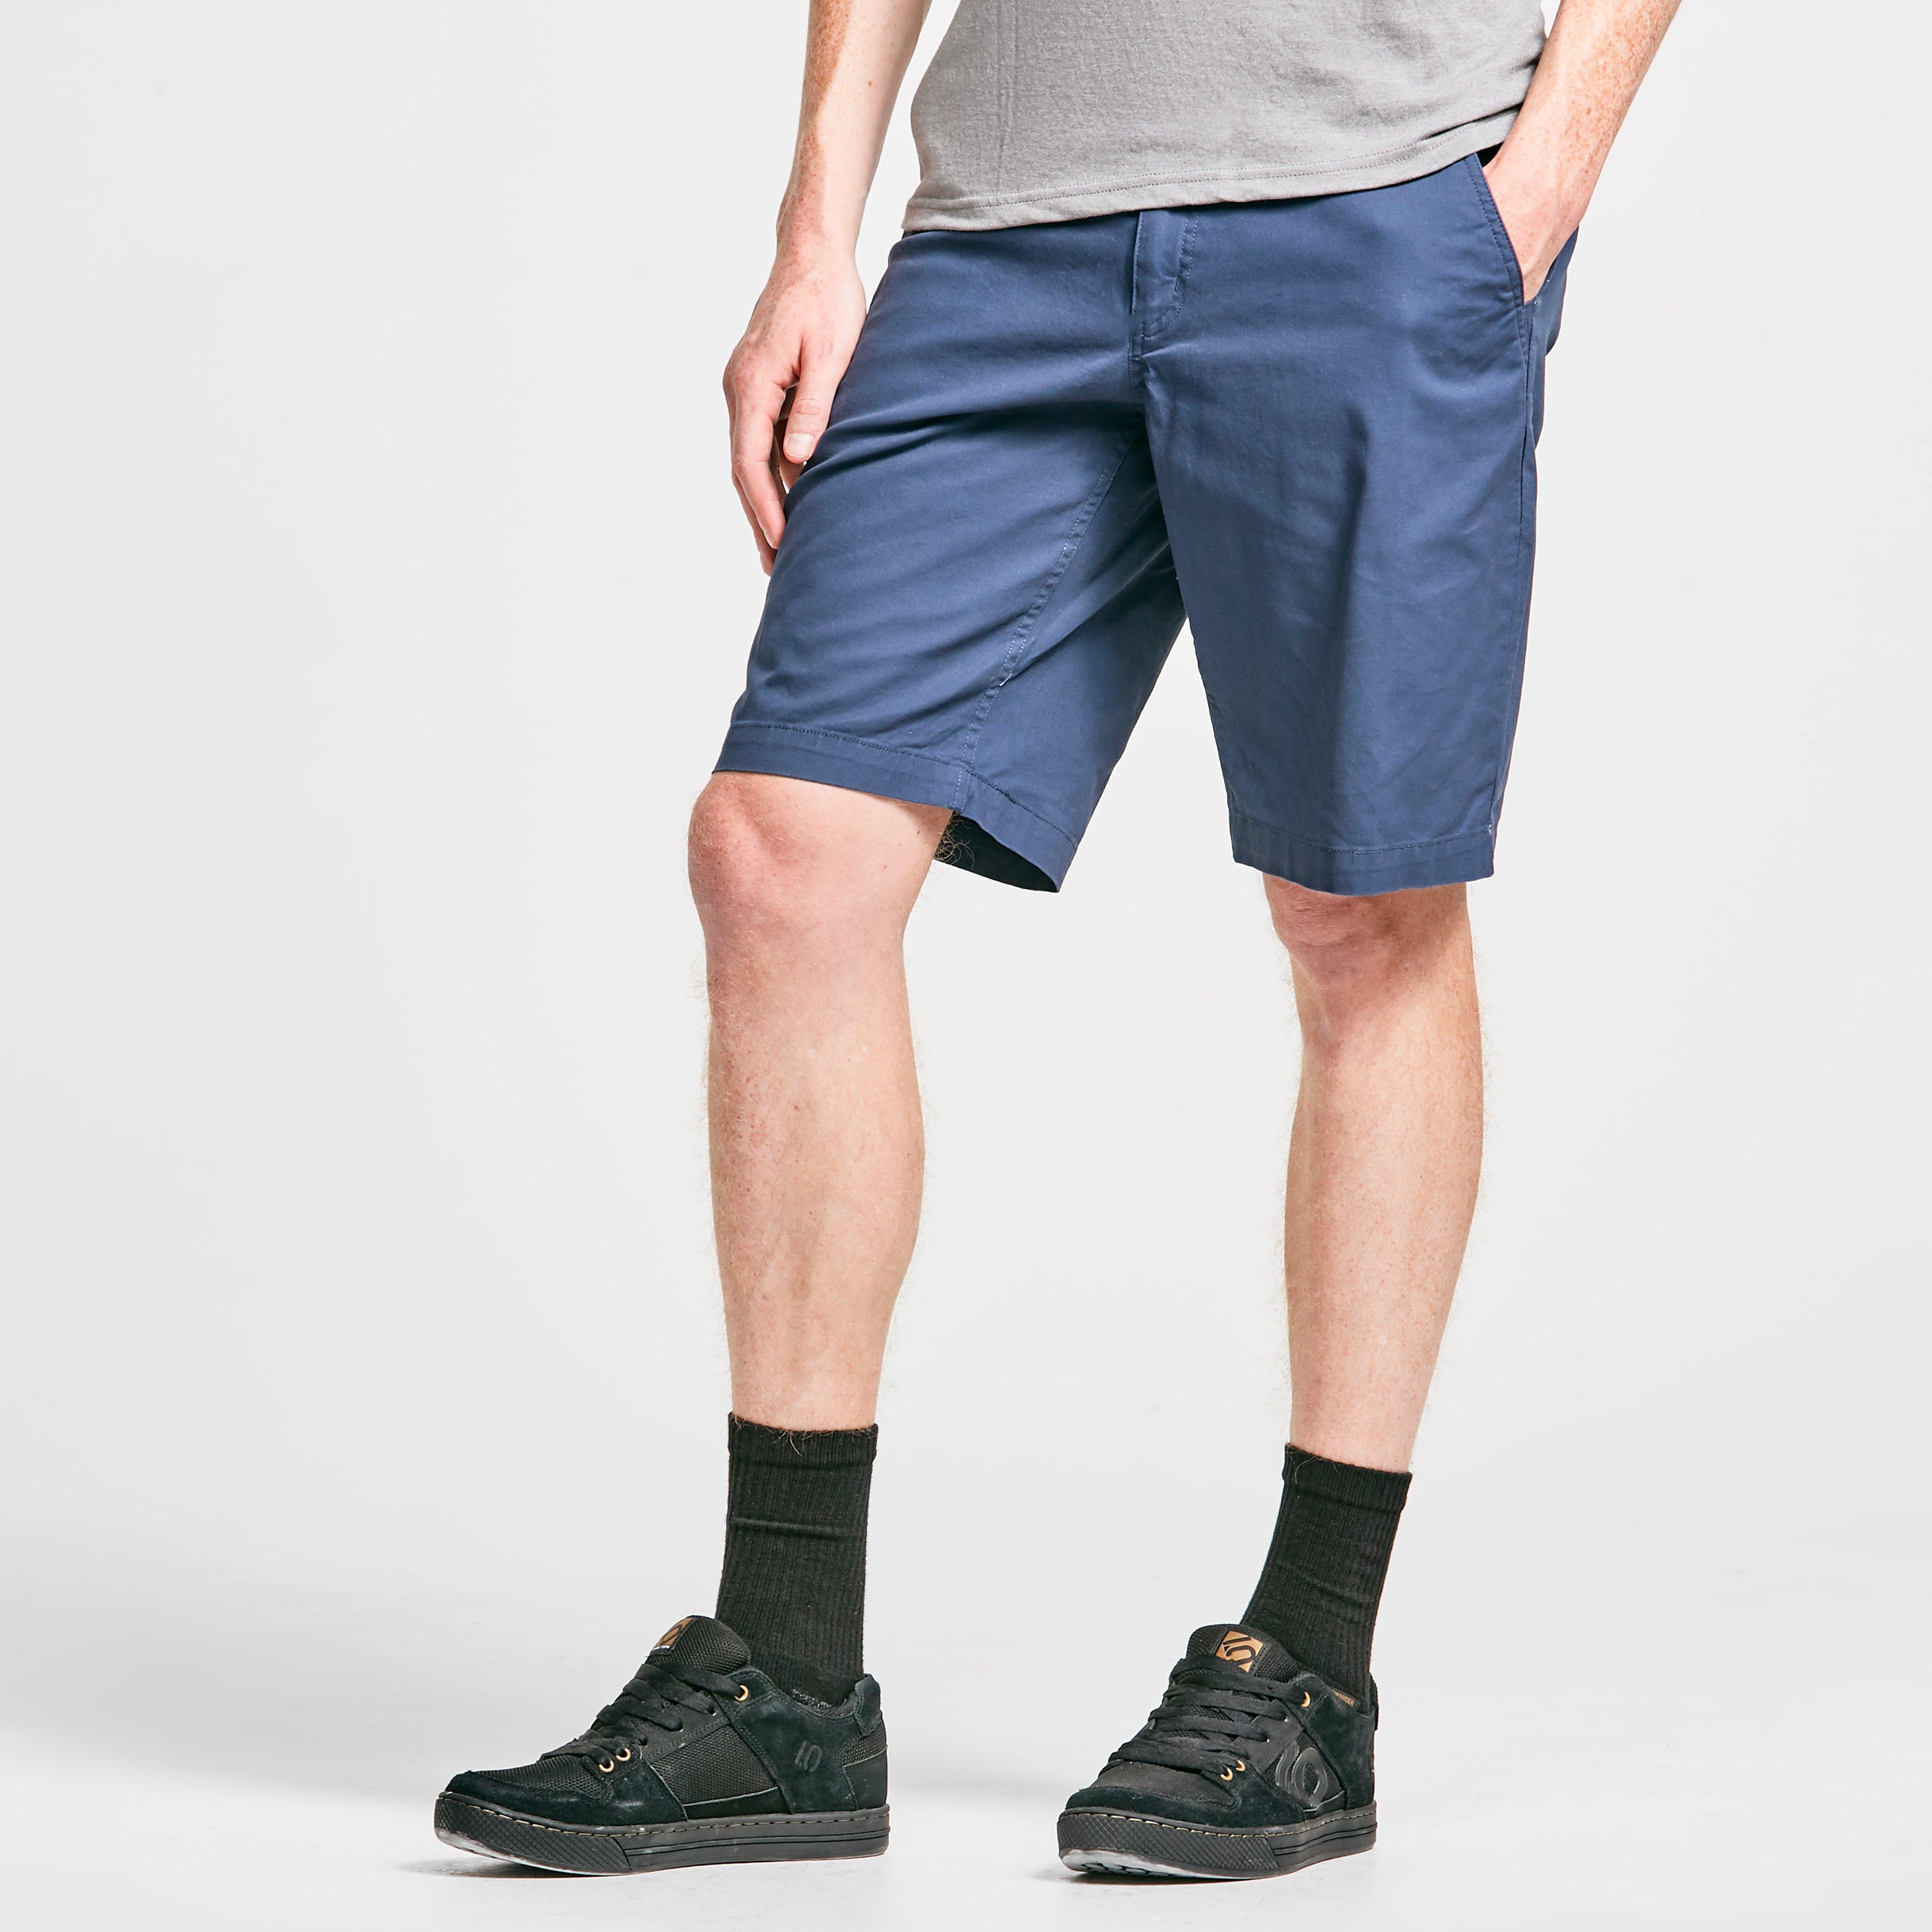 FOX Fox Mens Essex Shorts 2.0, Black